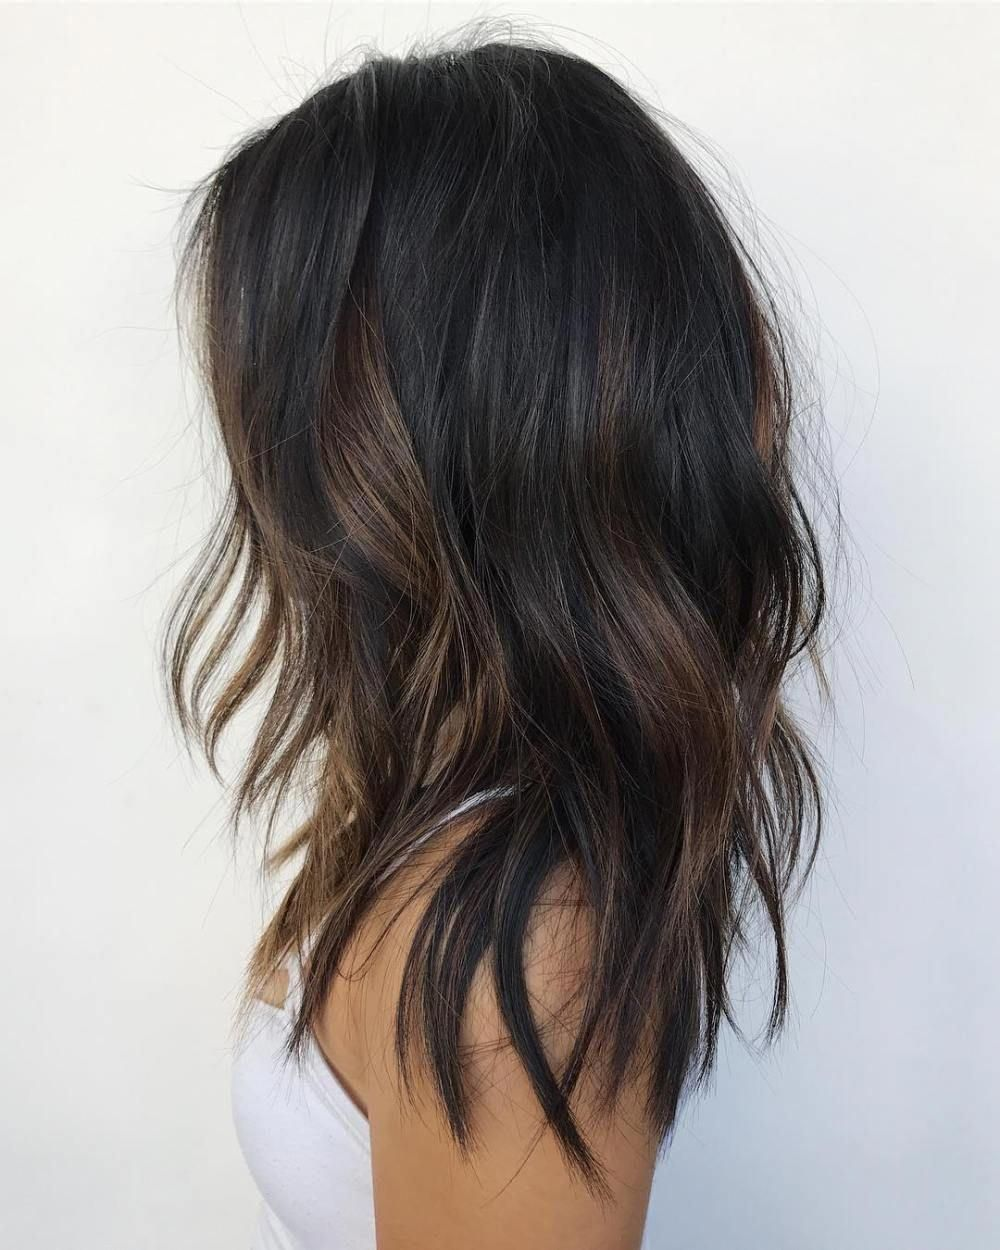 Schwarzes Haar Mit Subtilen Braunen Reflexen Winterhaircolor In 2020 Frisuren Balayage Haarschnitt Ideen